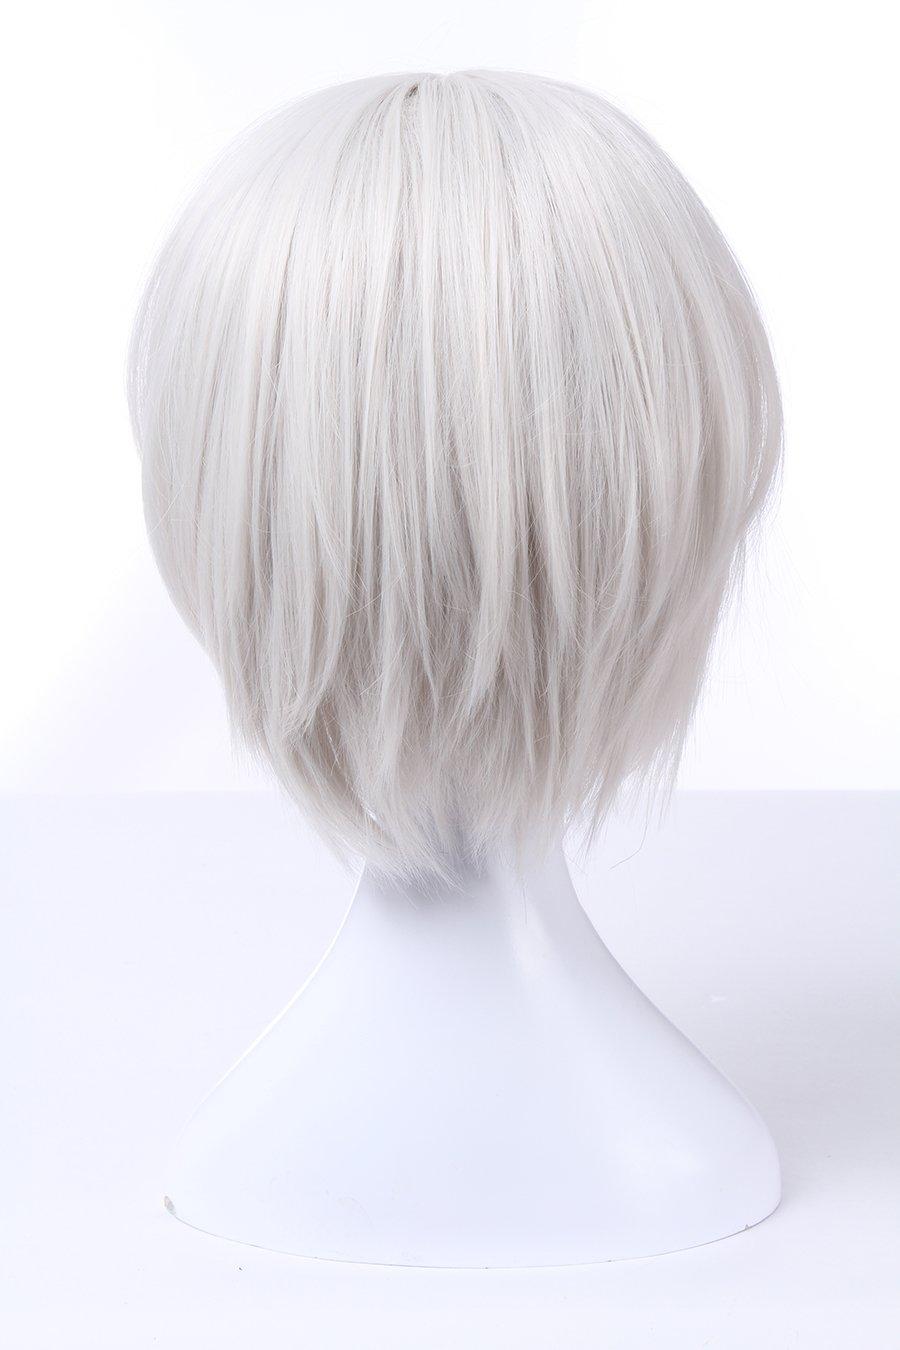 b03e2bdc1a64d3 Amazon | NSPSTT ショートヘア ボブ 白 シルバー 耐熱 ウィッグ コスプレウィッグ | コスプレ・仮装 通販